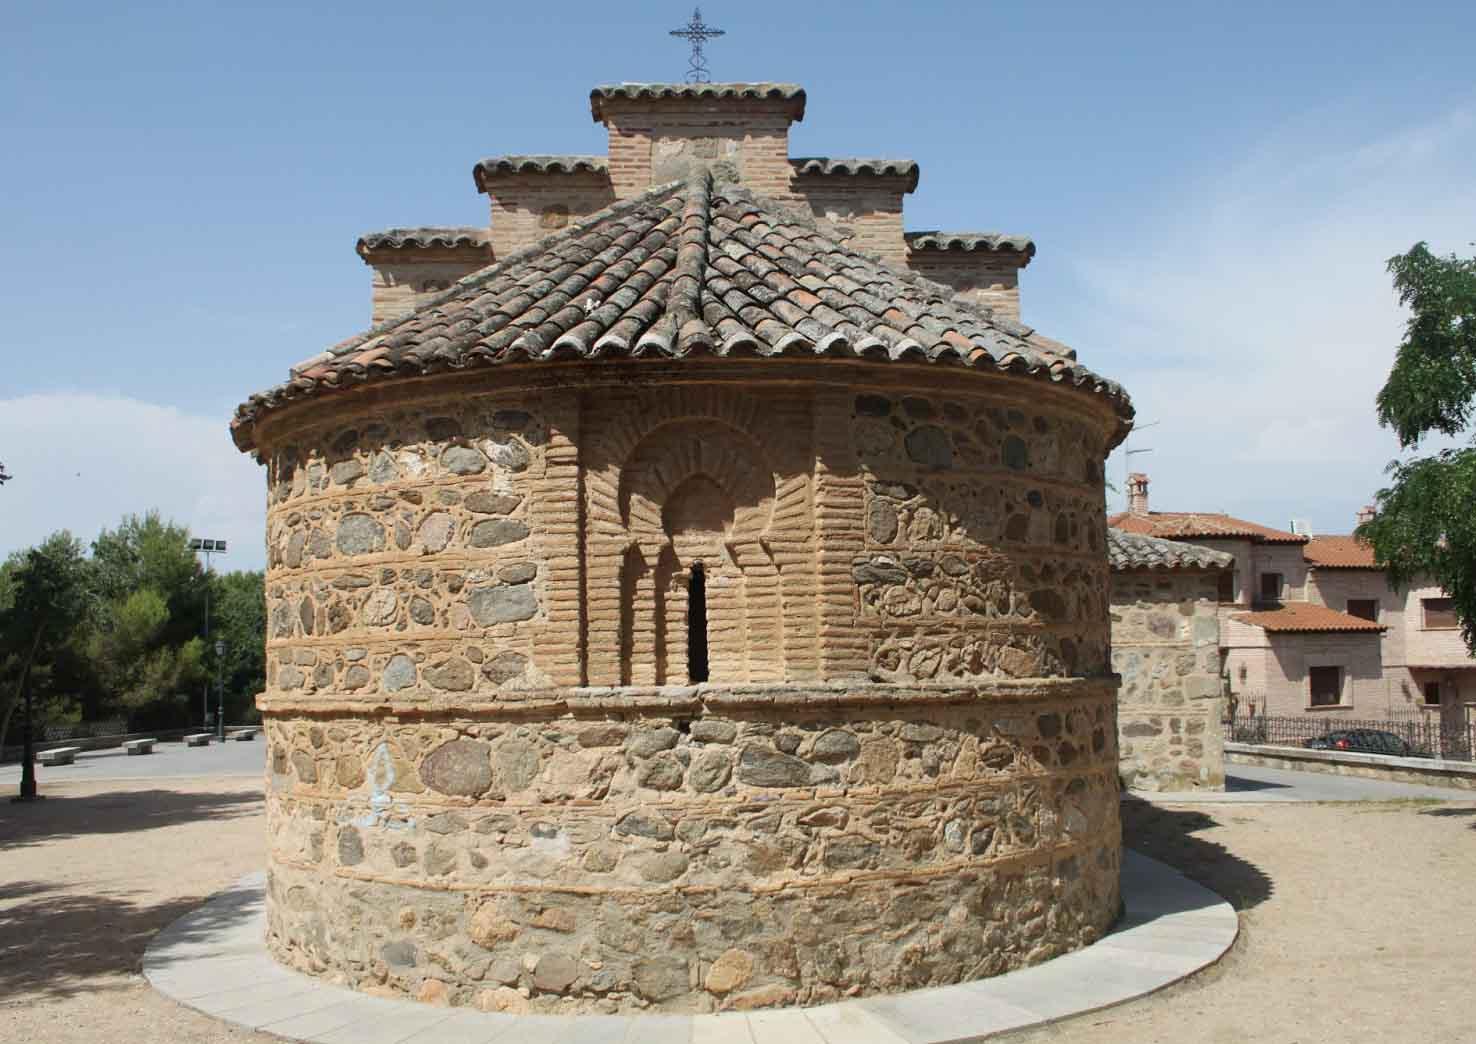 ermita-de-la-natividad-de-guadamur-abside-2